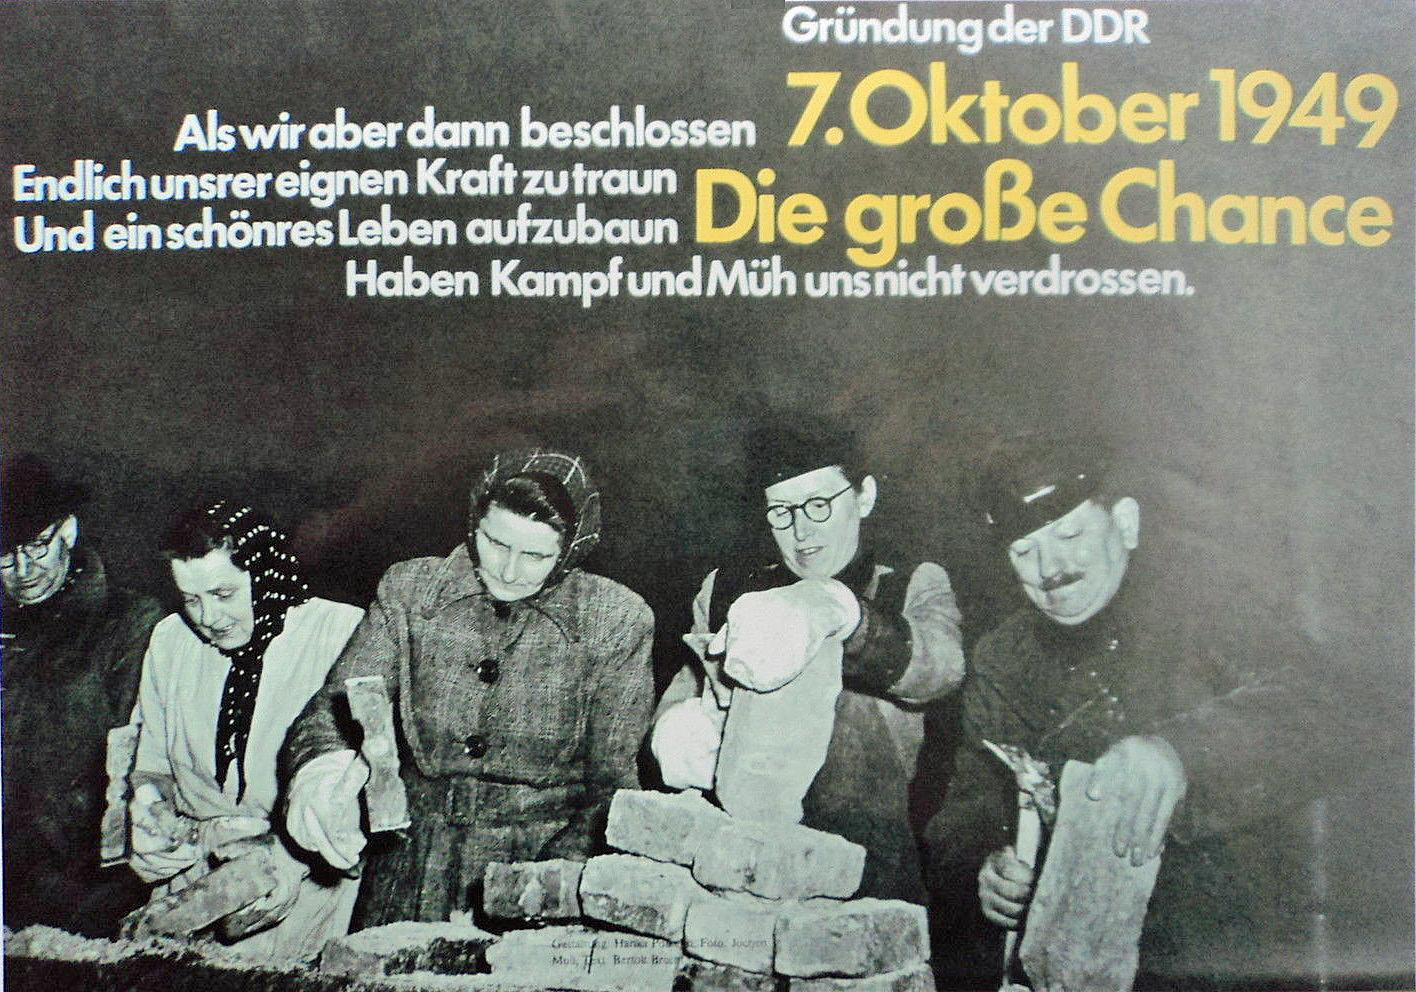 Truemmerfrauen und Maenner, 1945